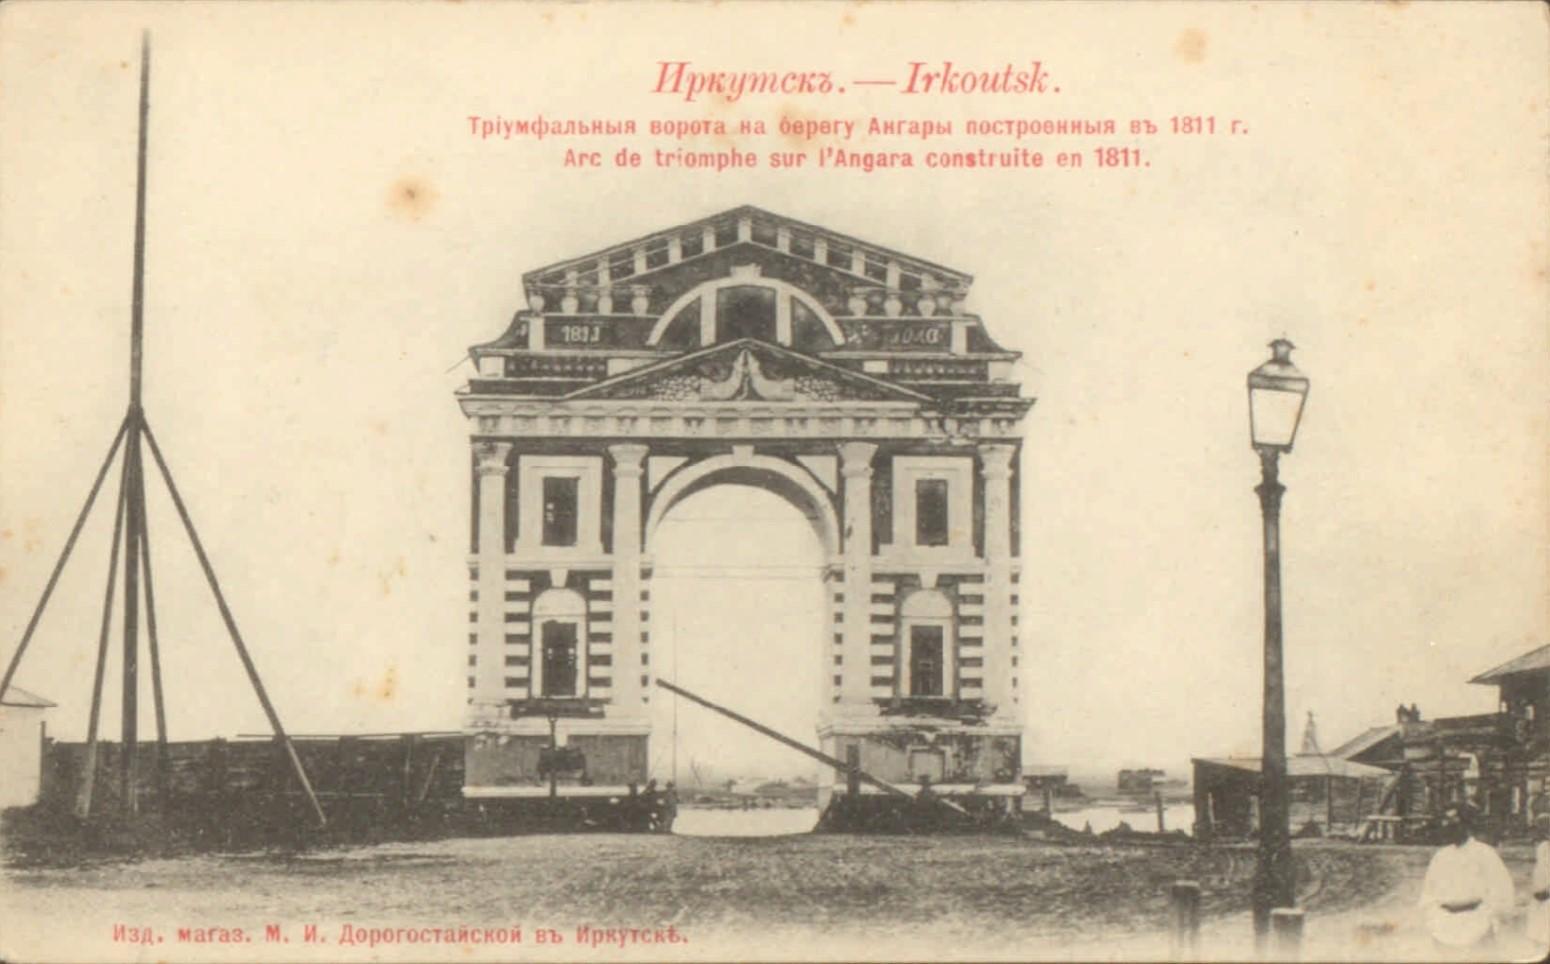 Триумфальные ворота на берегу Ангары построенные в 1811